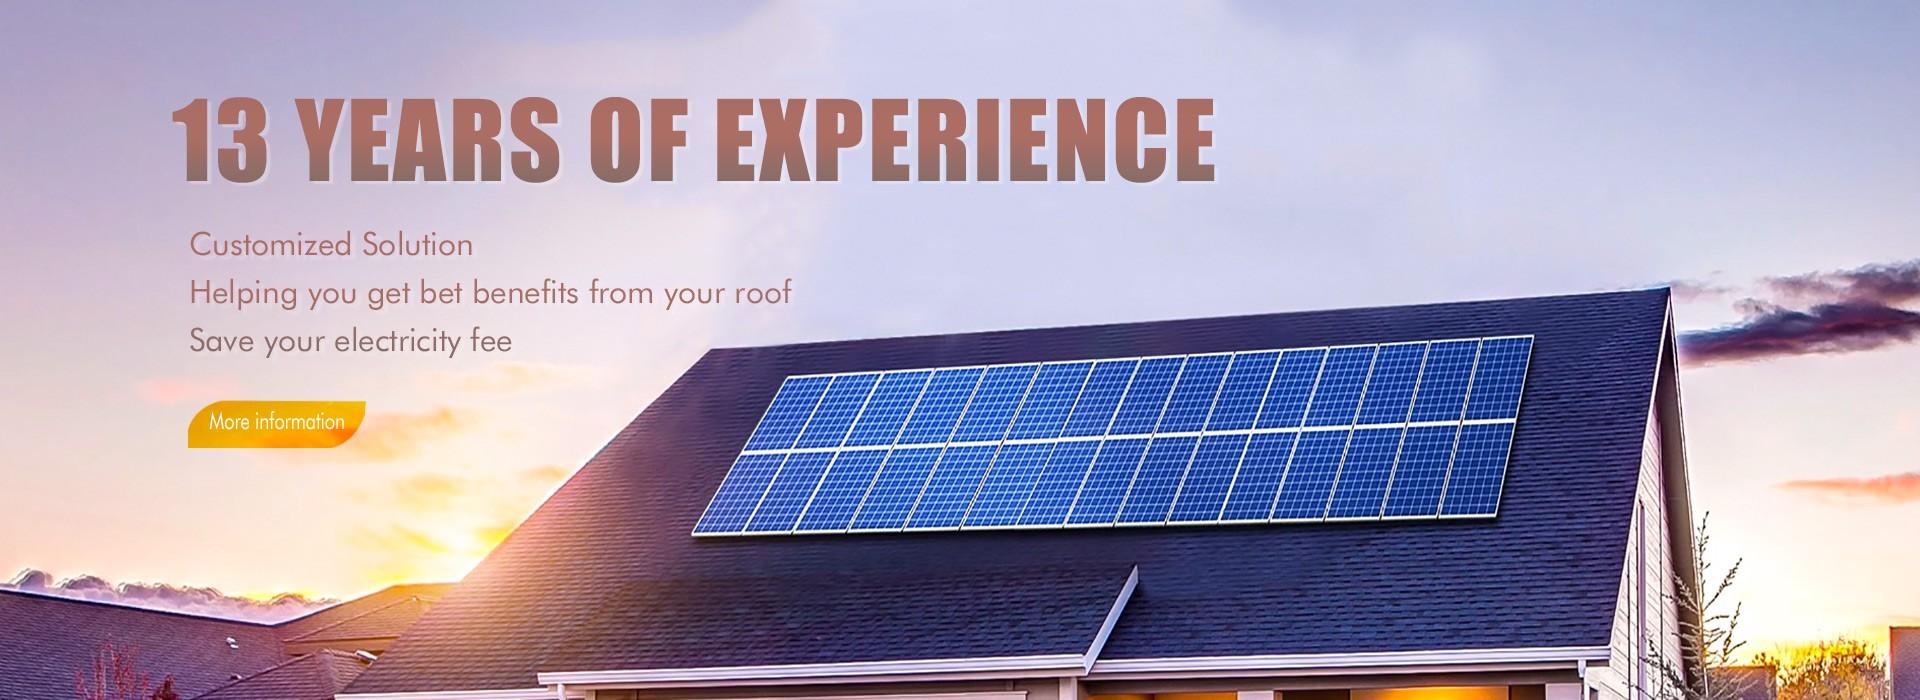 نظام الإضاءة بالطاقة الشمسية